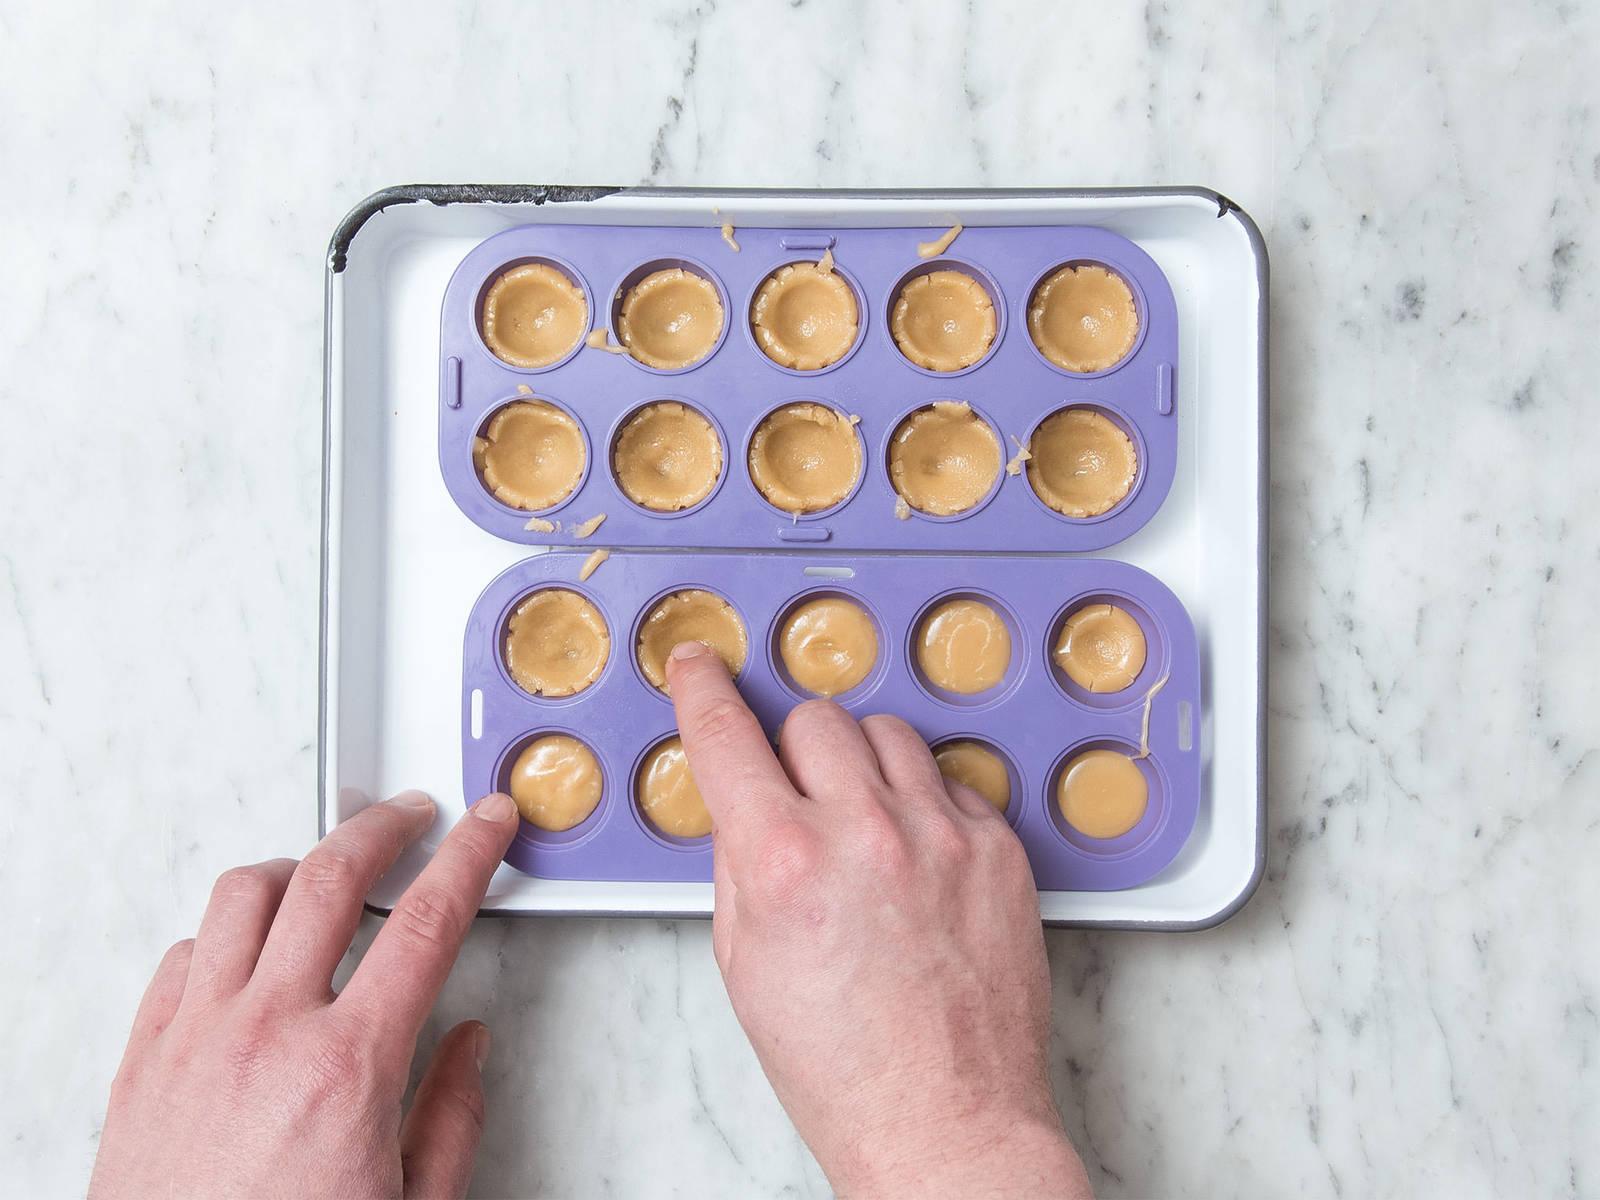 Silikonformen bis zur Hälfte mit Karamell füllen und ca. 10 Min. in den Kühlschrank stellen. Das Karamell sollte noch immer formbar sein. Karamell mit den Fingern an den Rändern der Silikonformen hochdrücken, um kleine Schälchen zu formen. In jedes Schälchen eine Haselnuss legen.